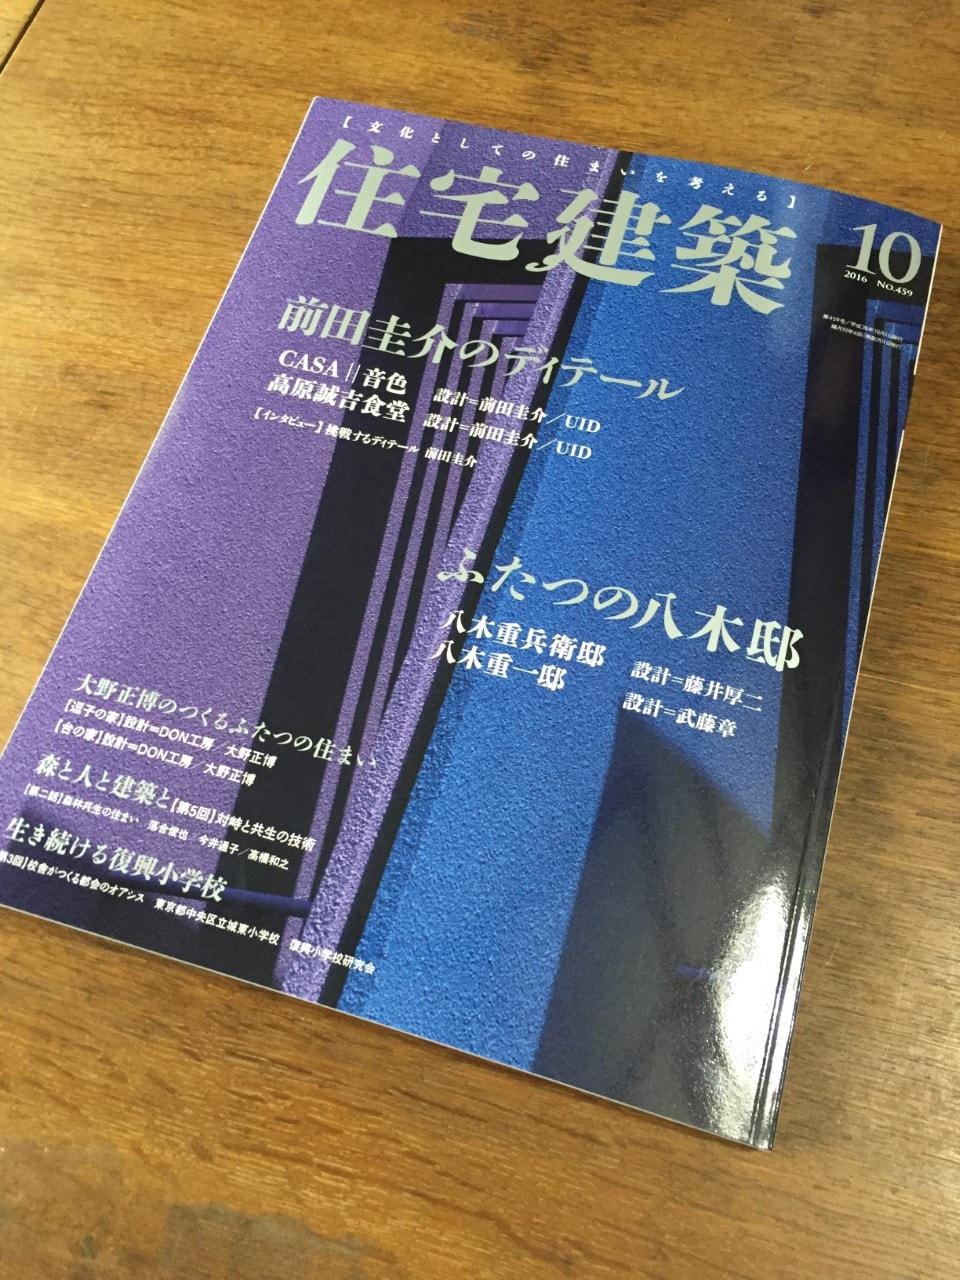 加嶋章博先生と加嶋研究室学生の八木邸に関する活動が住宅建築10月号に掲載